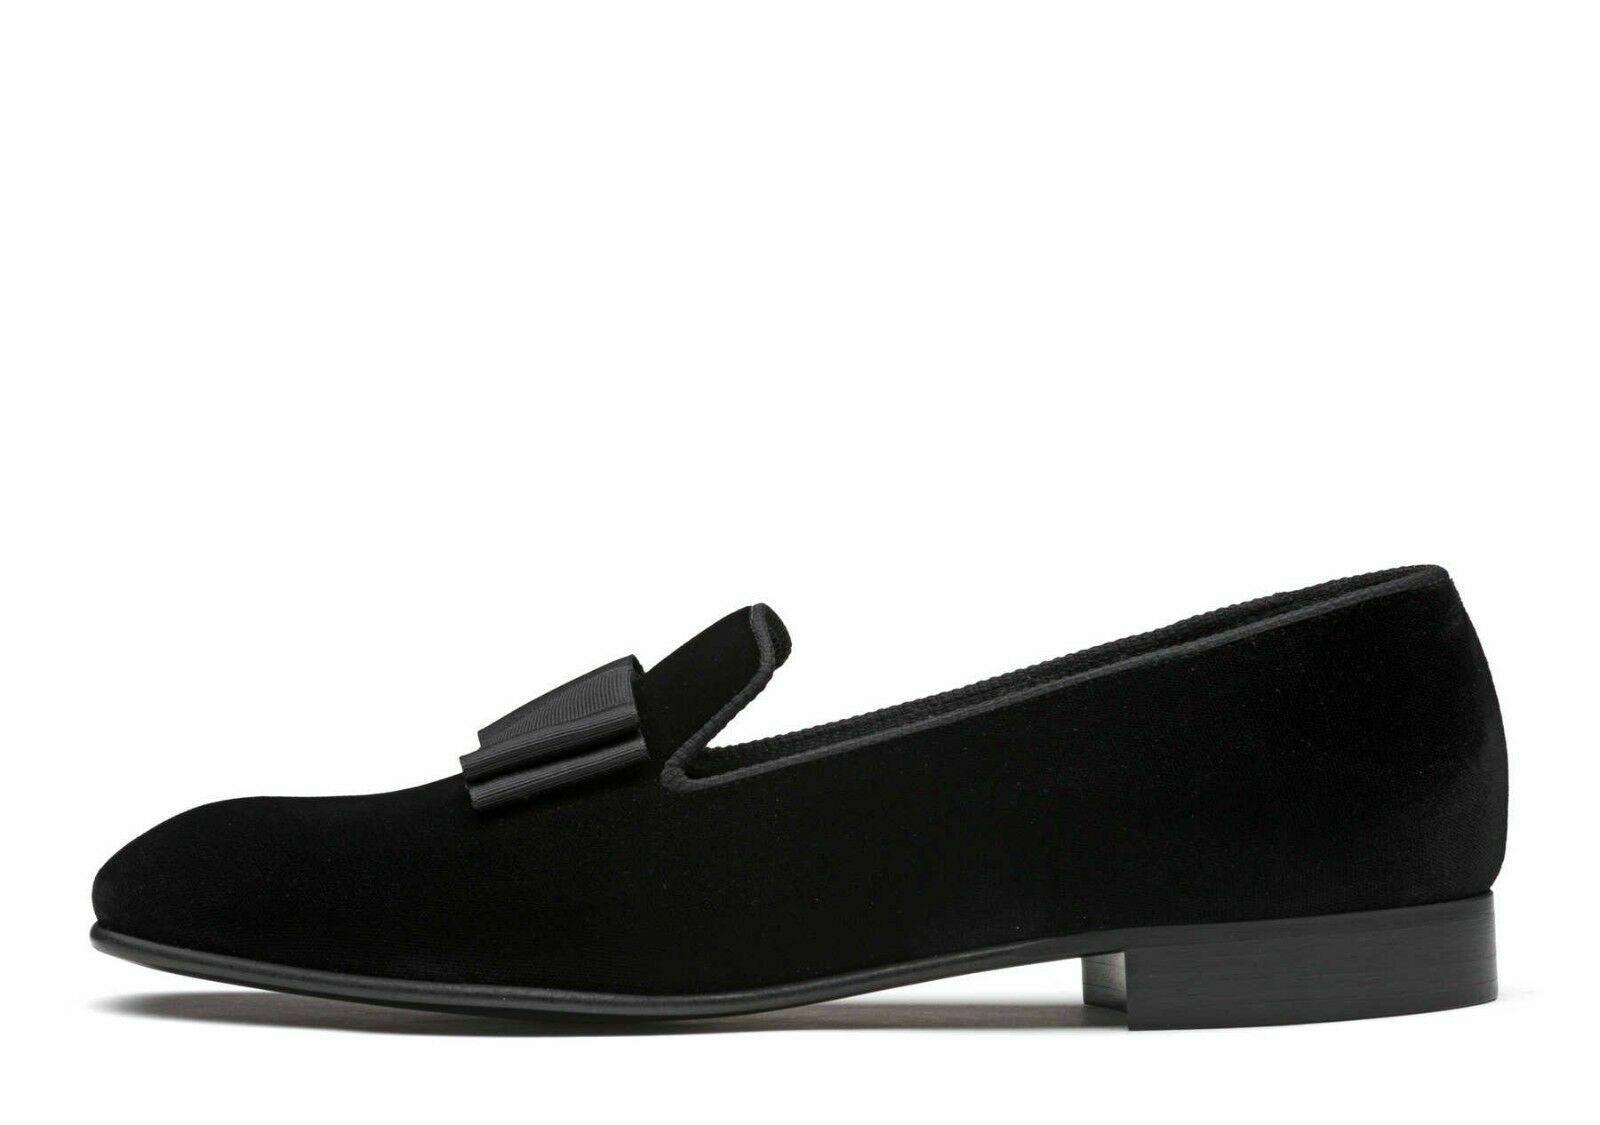 Zapatos para hombre hecho a mano Negro Terciopelo Mocasines & Slip On bodas con moño formal vestido de arranque